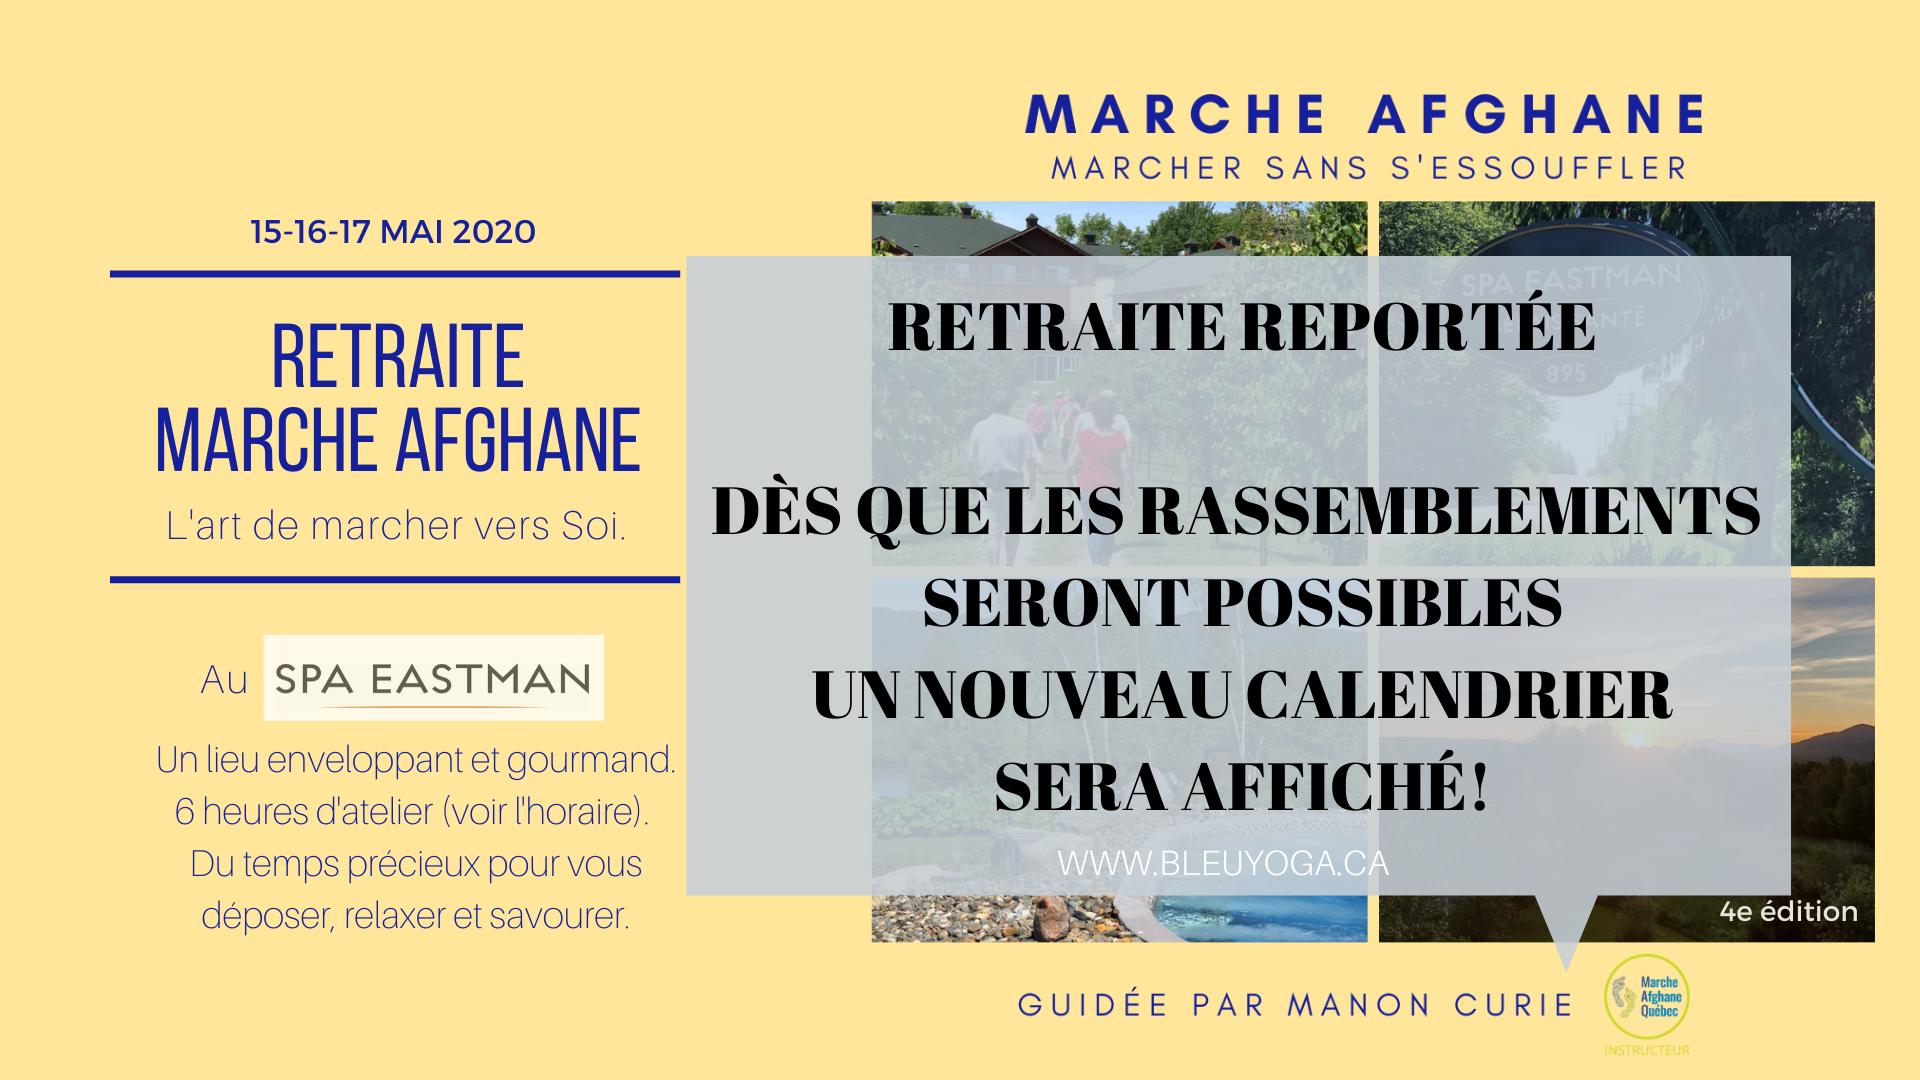 mai 2020 RETRAITE SPA EASTMAN_MARCHE AFGHANE _MANON CURIE (2)